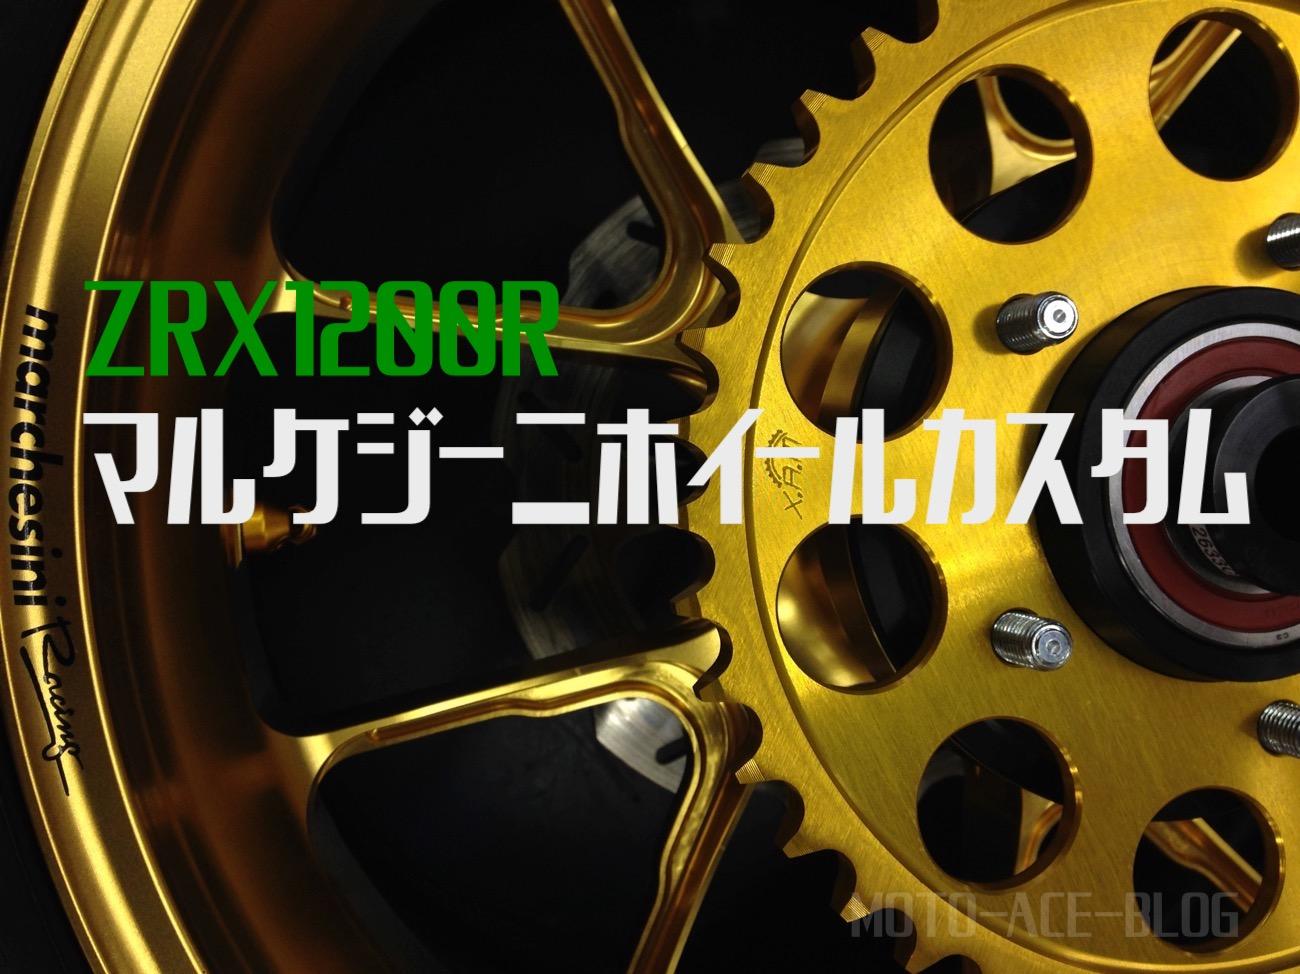 ZRX1200Rマルケジーニホイール交換